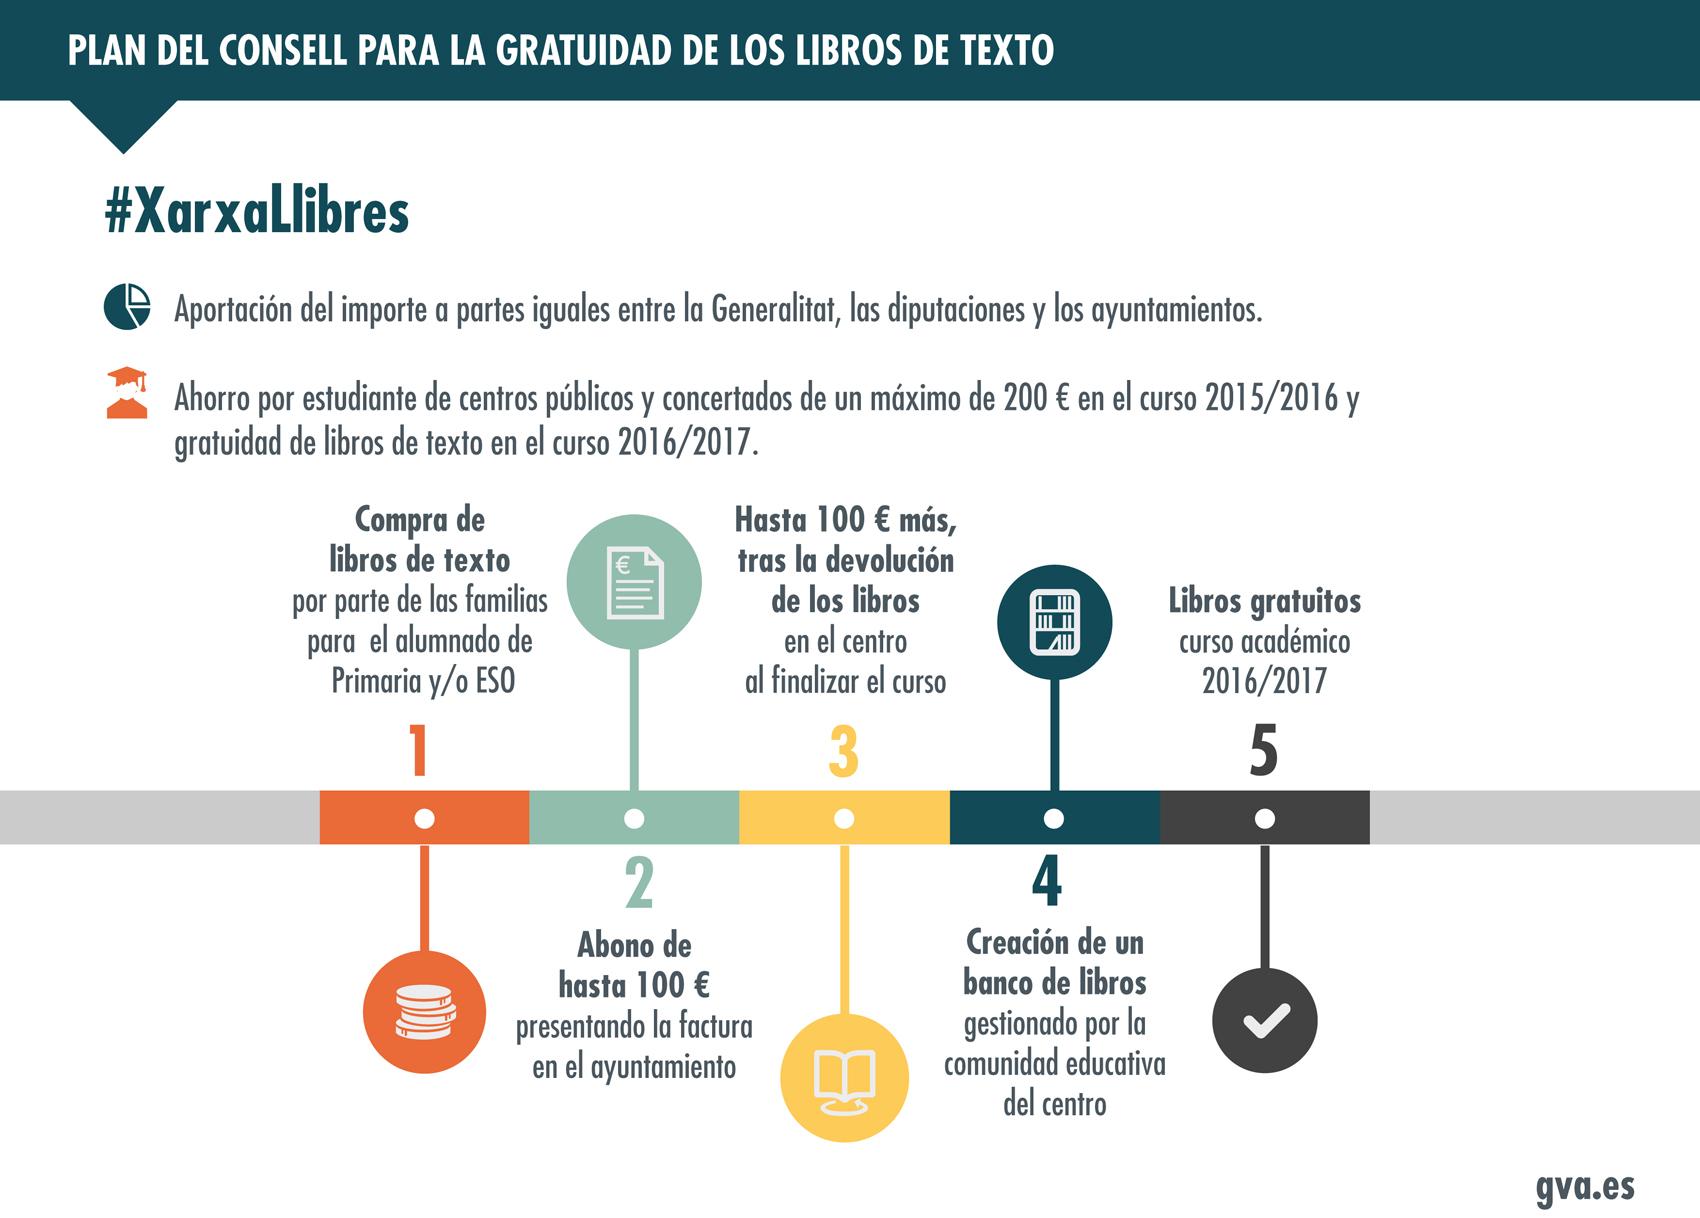 El gobierno suspende las ayudas para libros a la espera de saber cómo funcionará #XarxaLlibres